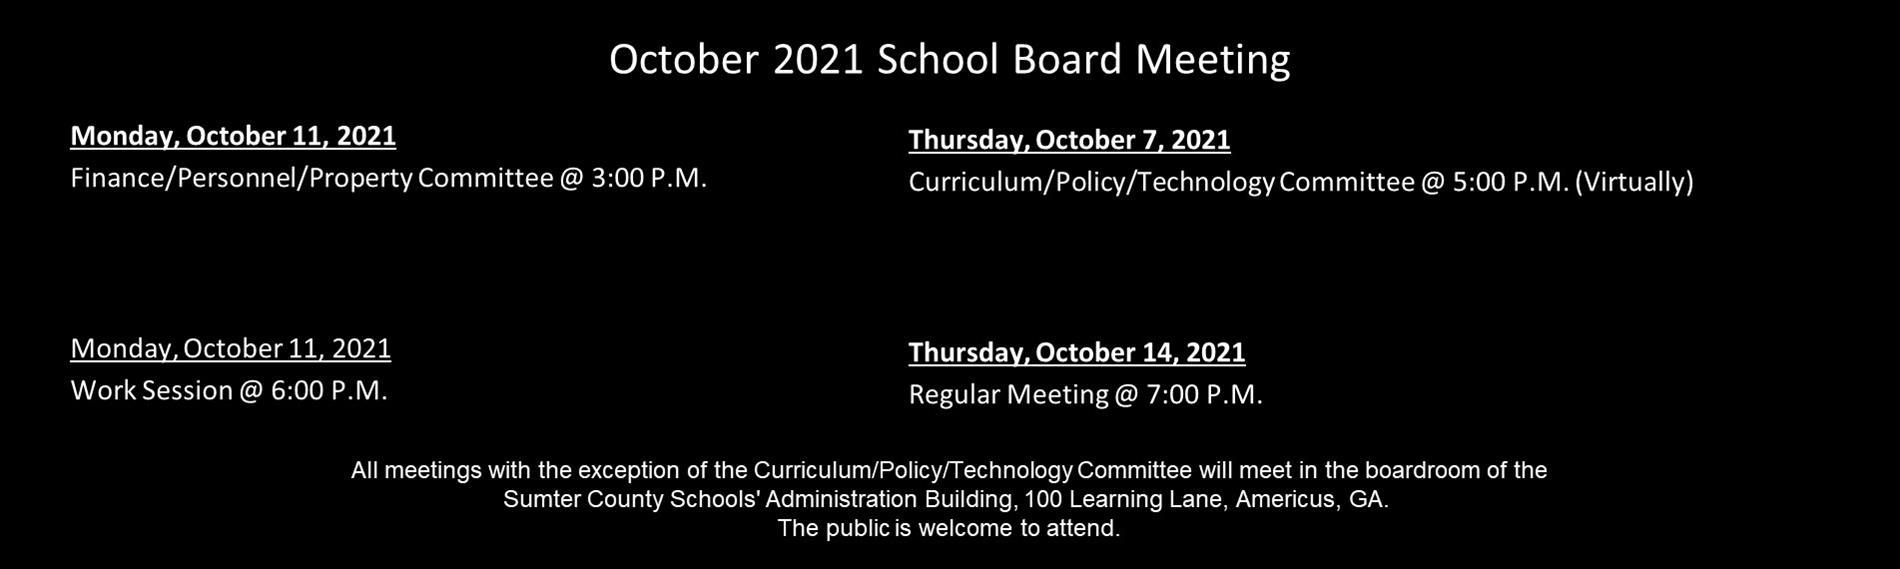 SCS October Board Meeting